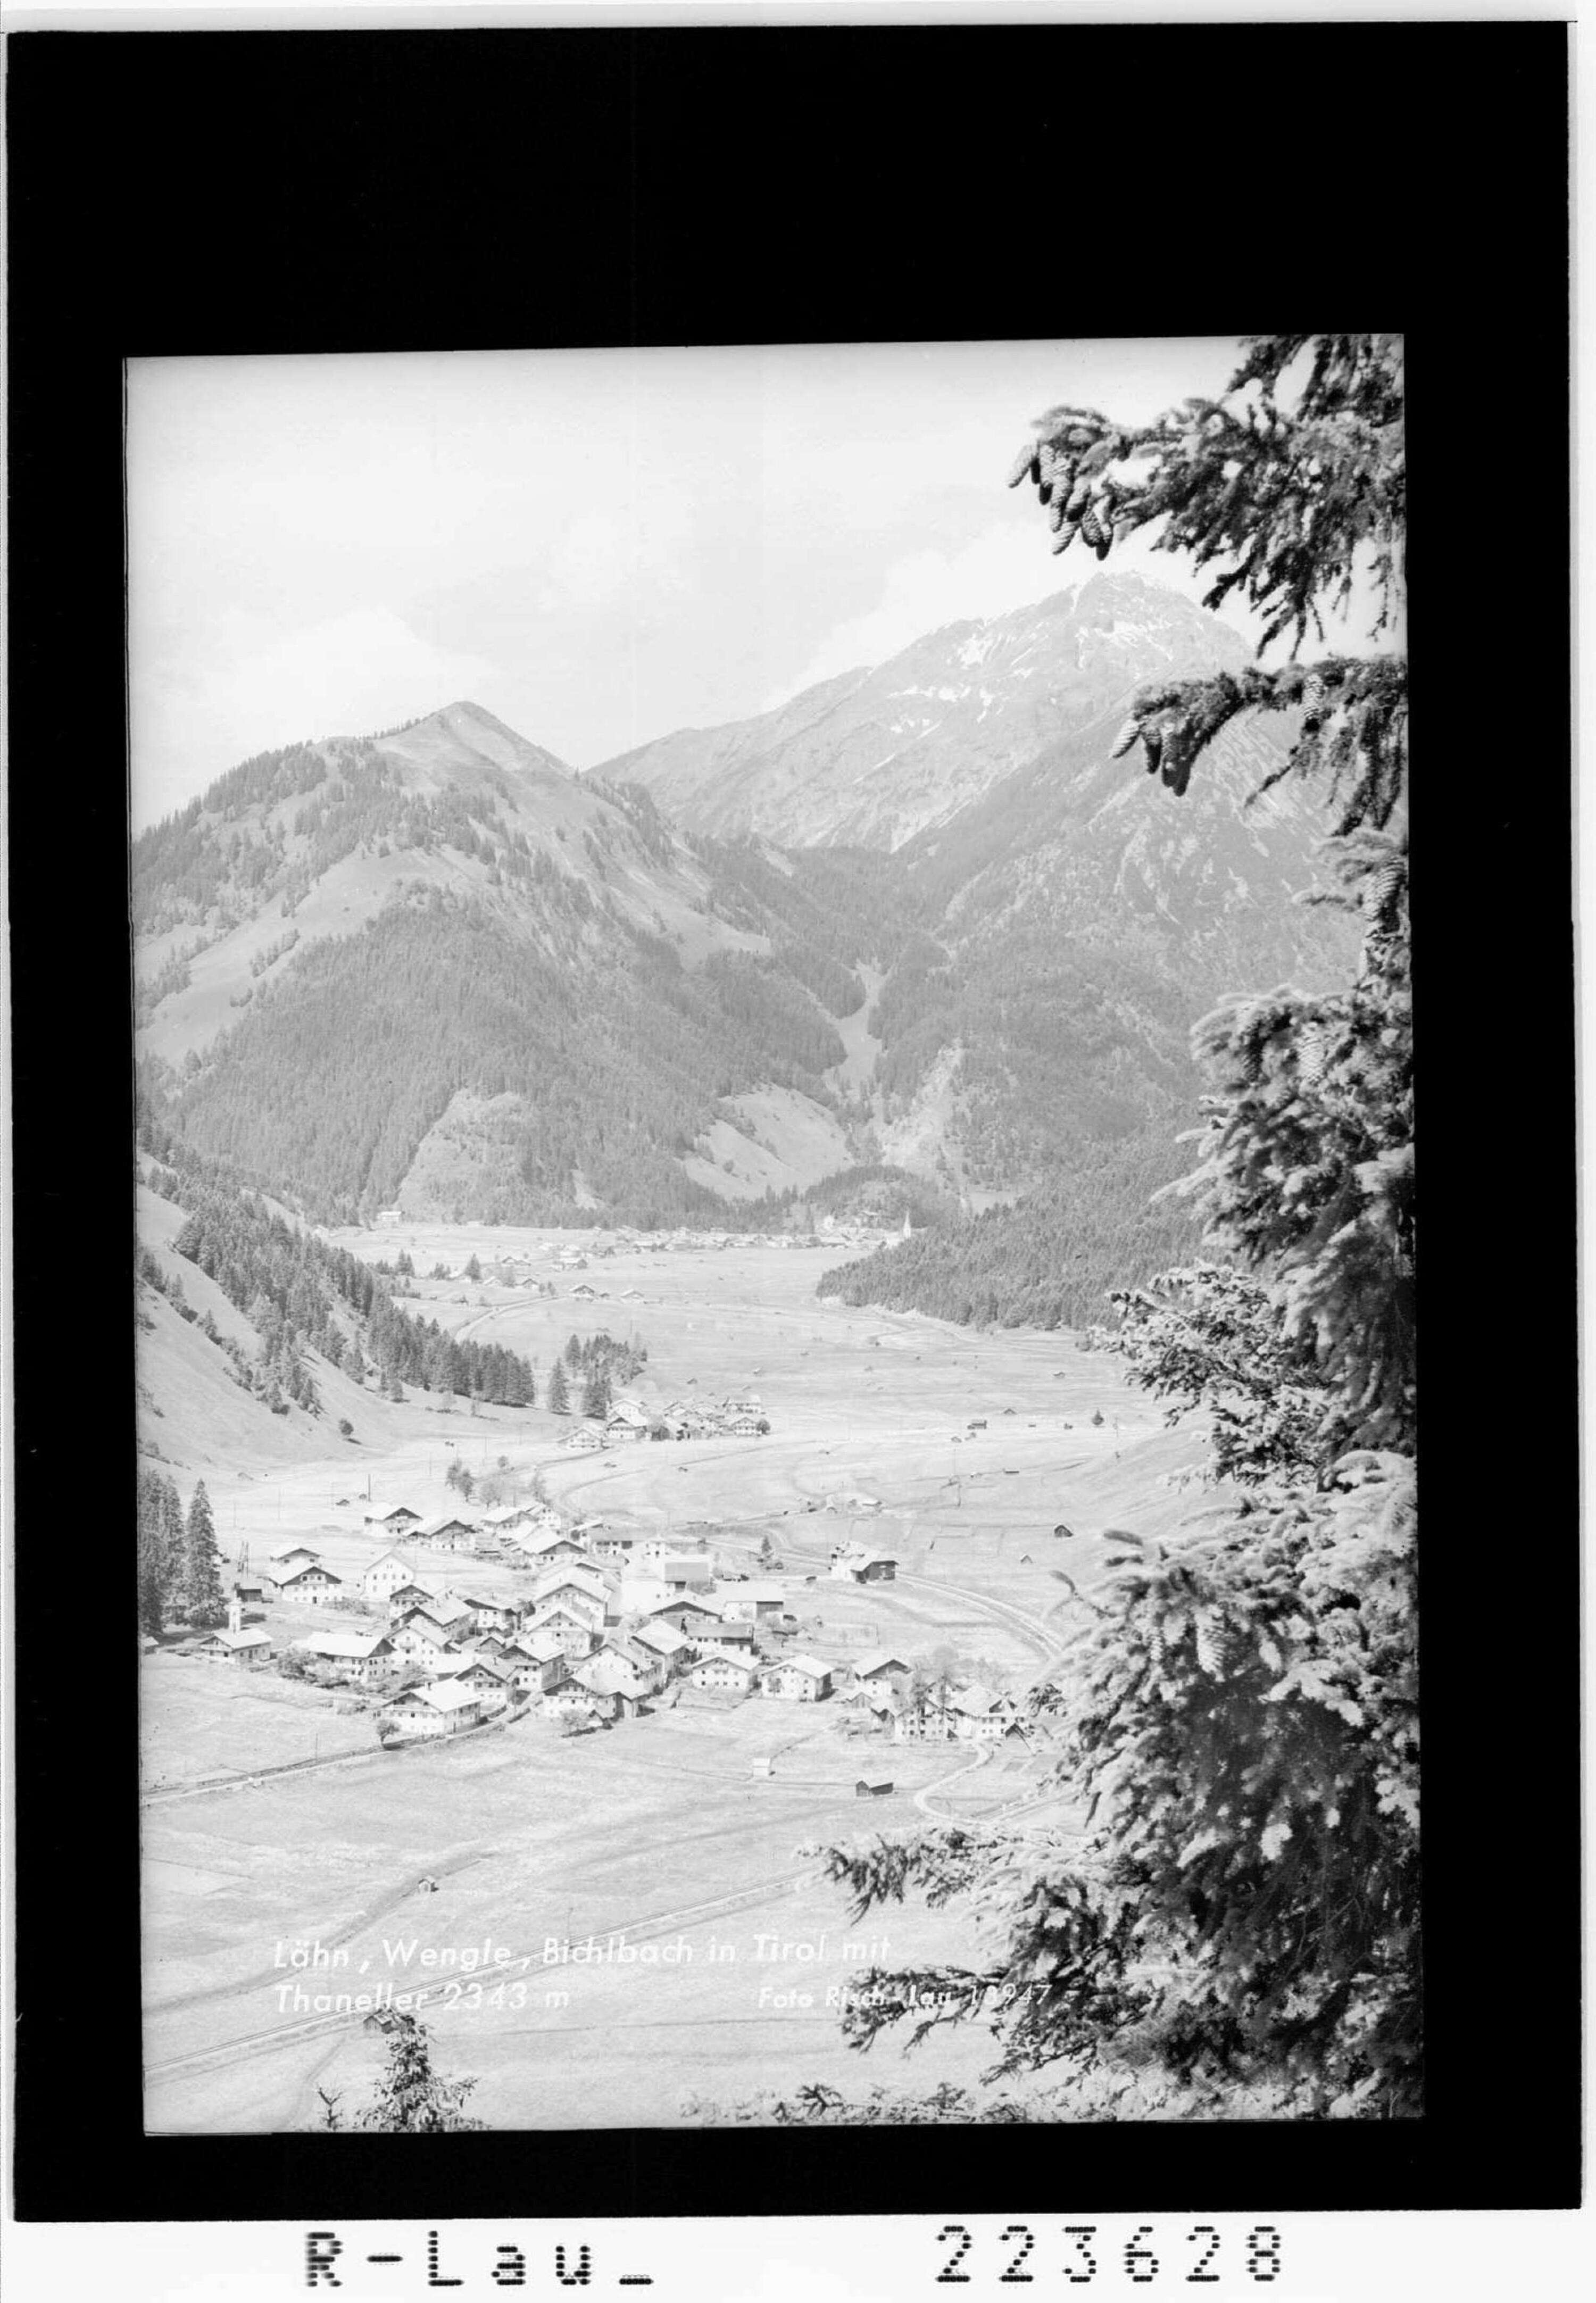 Lähn - Wengle - Bichlbach in Tirol mit Thaneller 2343 m von Risch-Lau